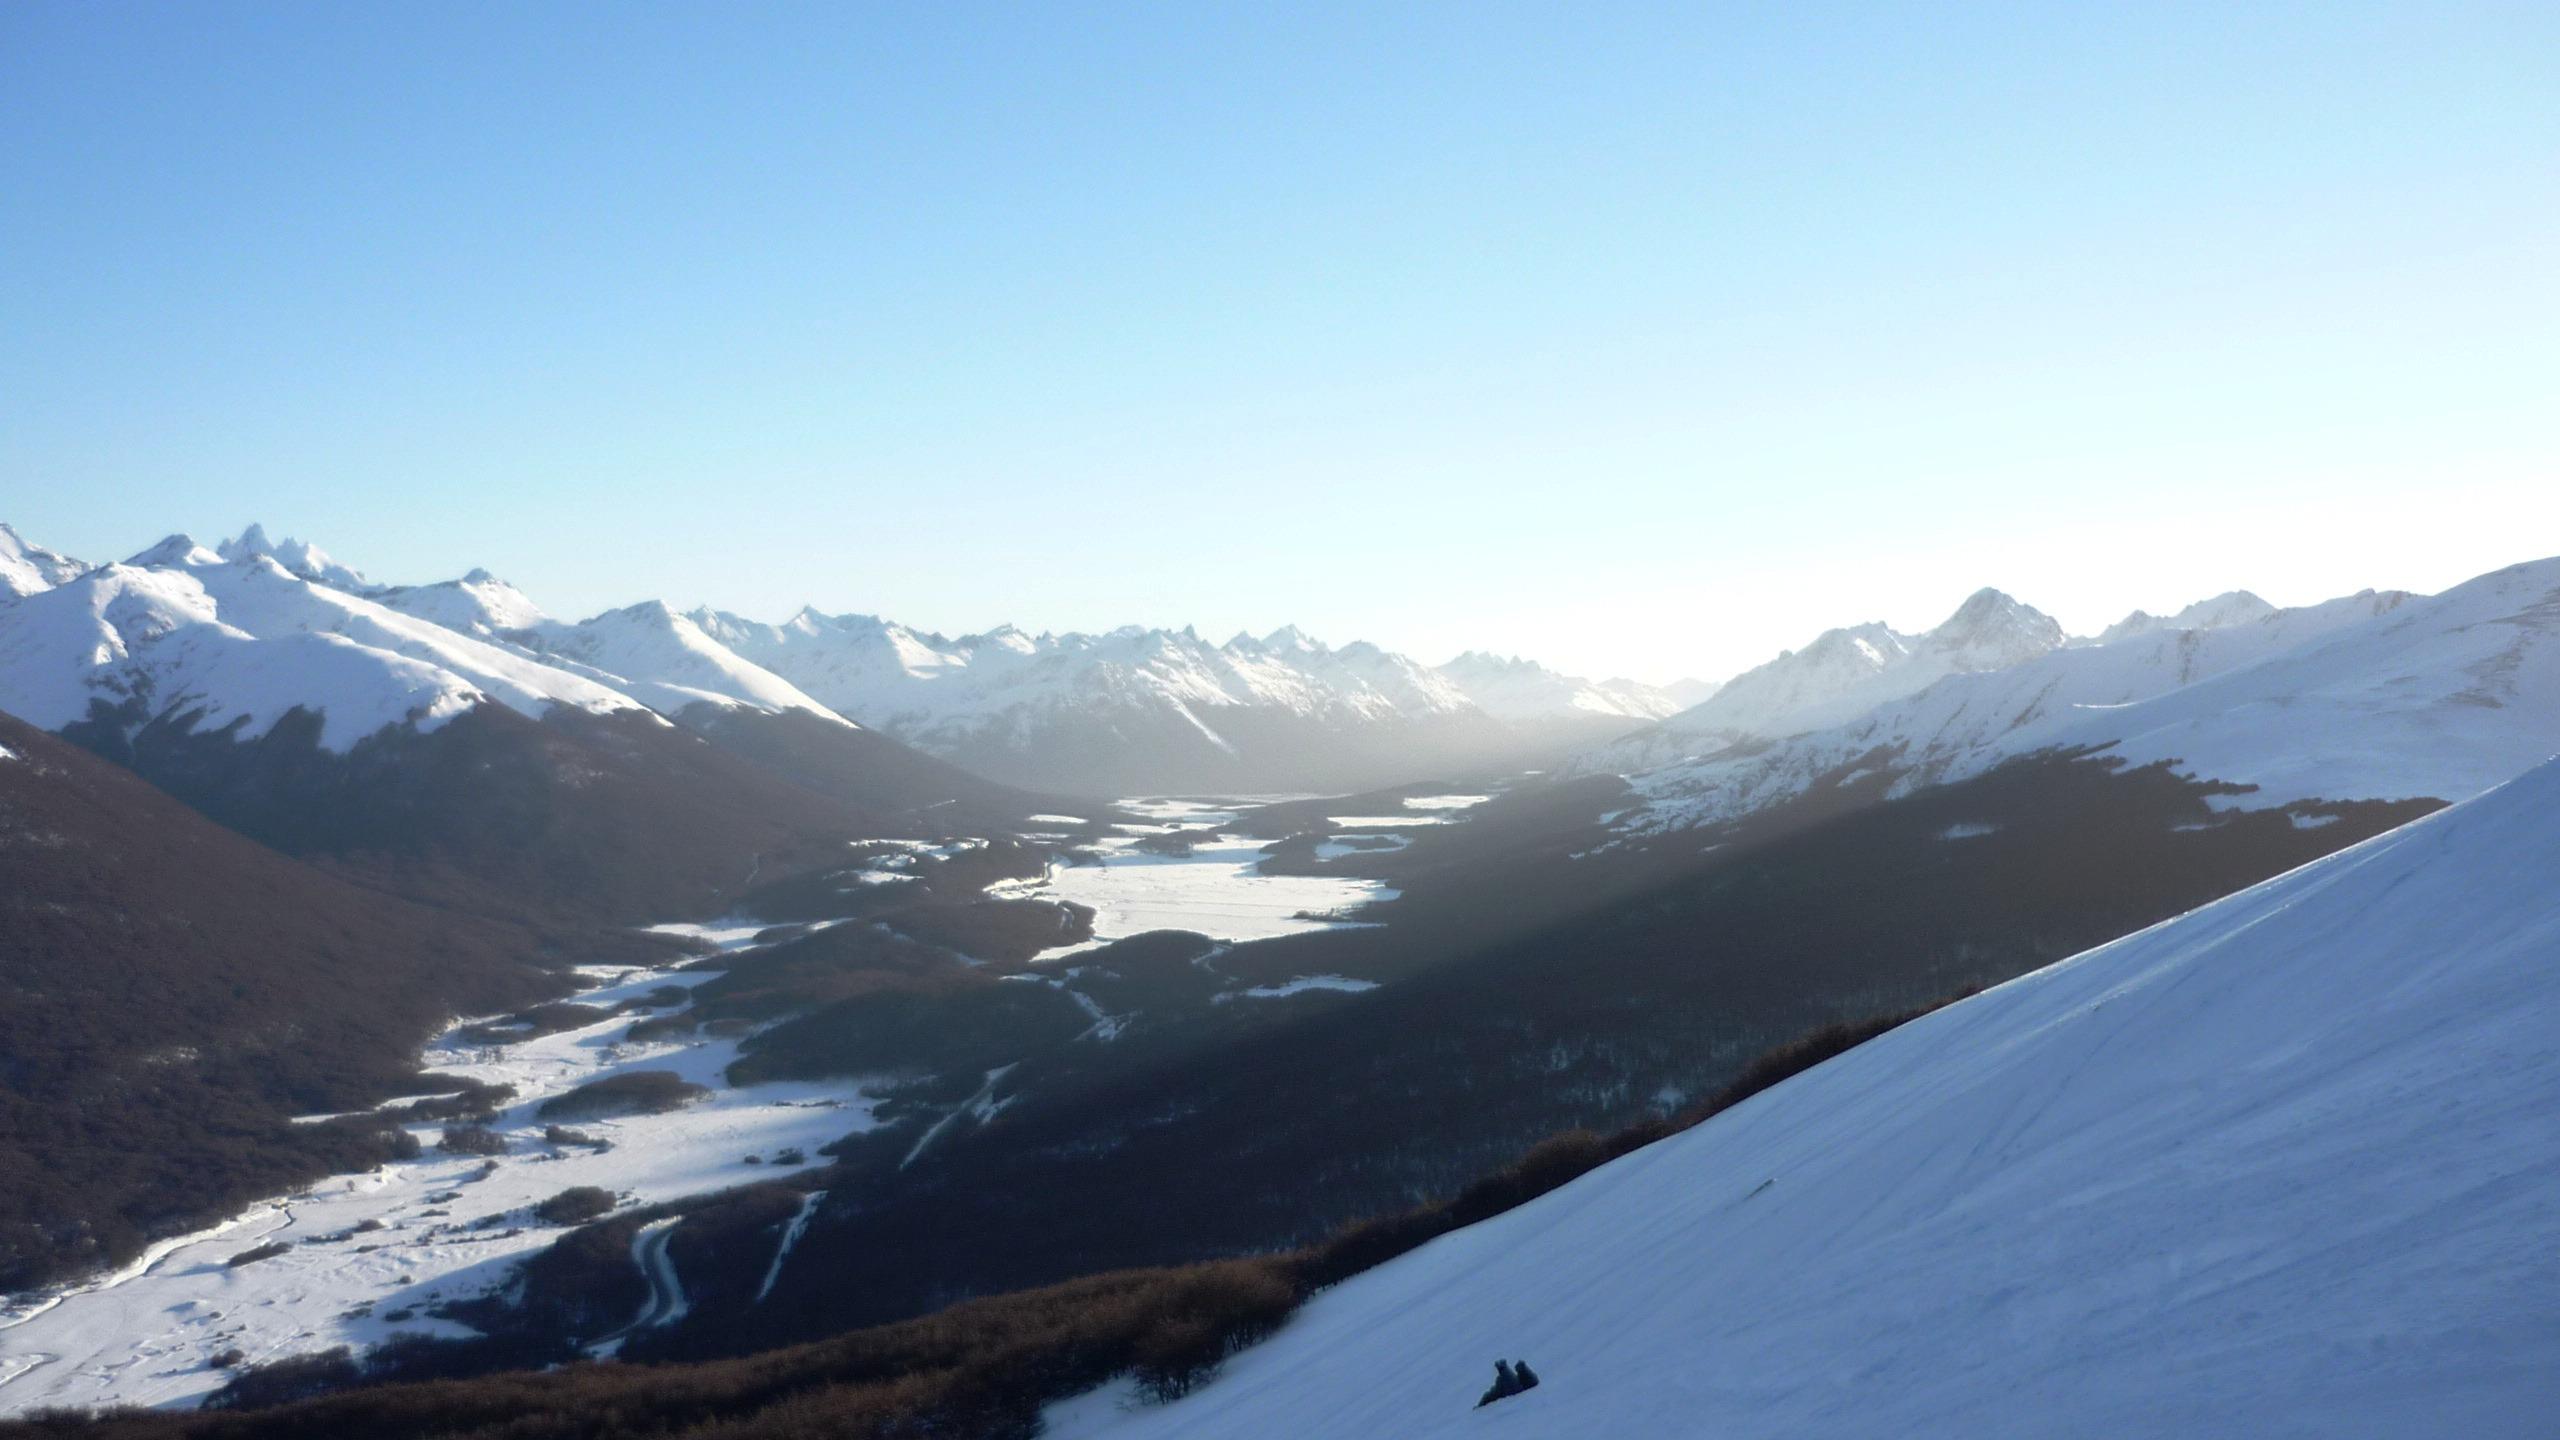 Vista del Valle desde Halcon Peregrino, Cerro Castor